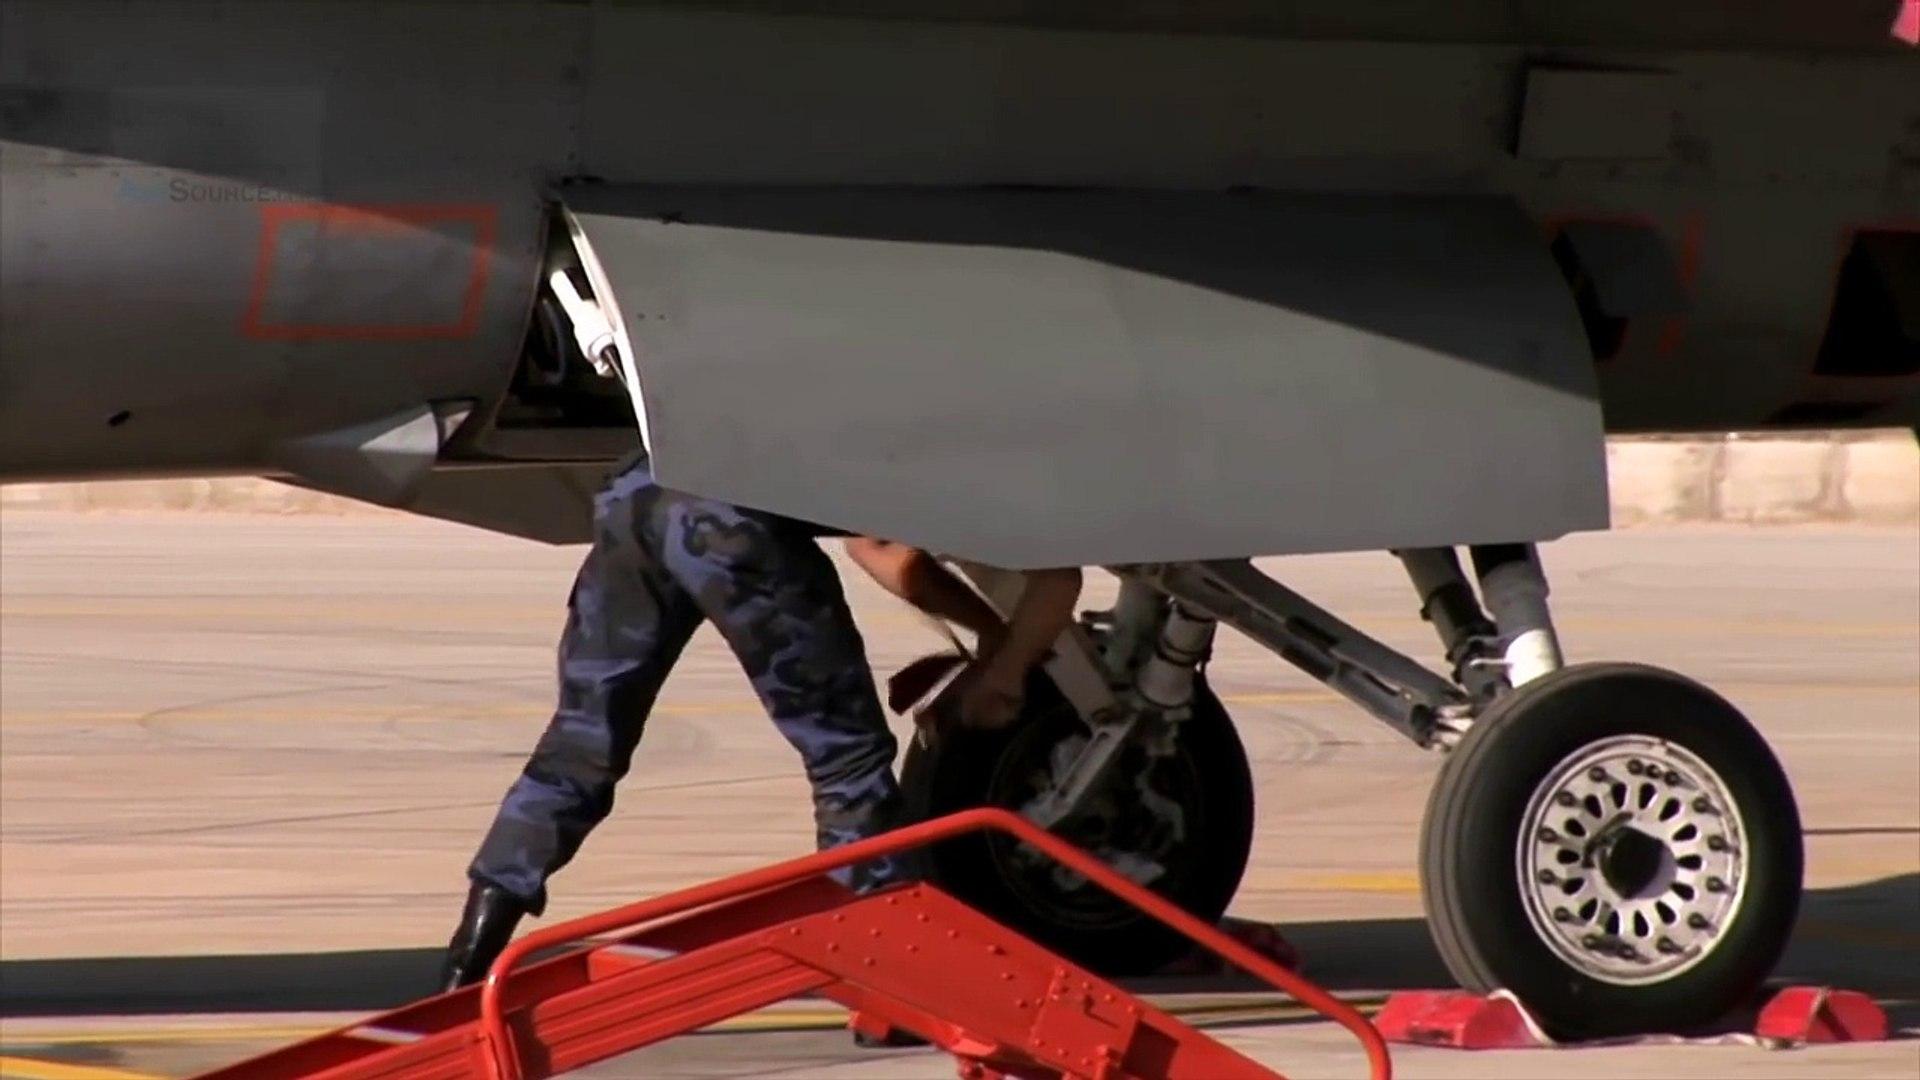 Et faucon obliger dans jordanien rencontrer Air f-16s usaf f-16s f / a-18s air